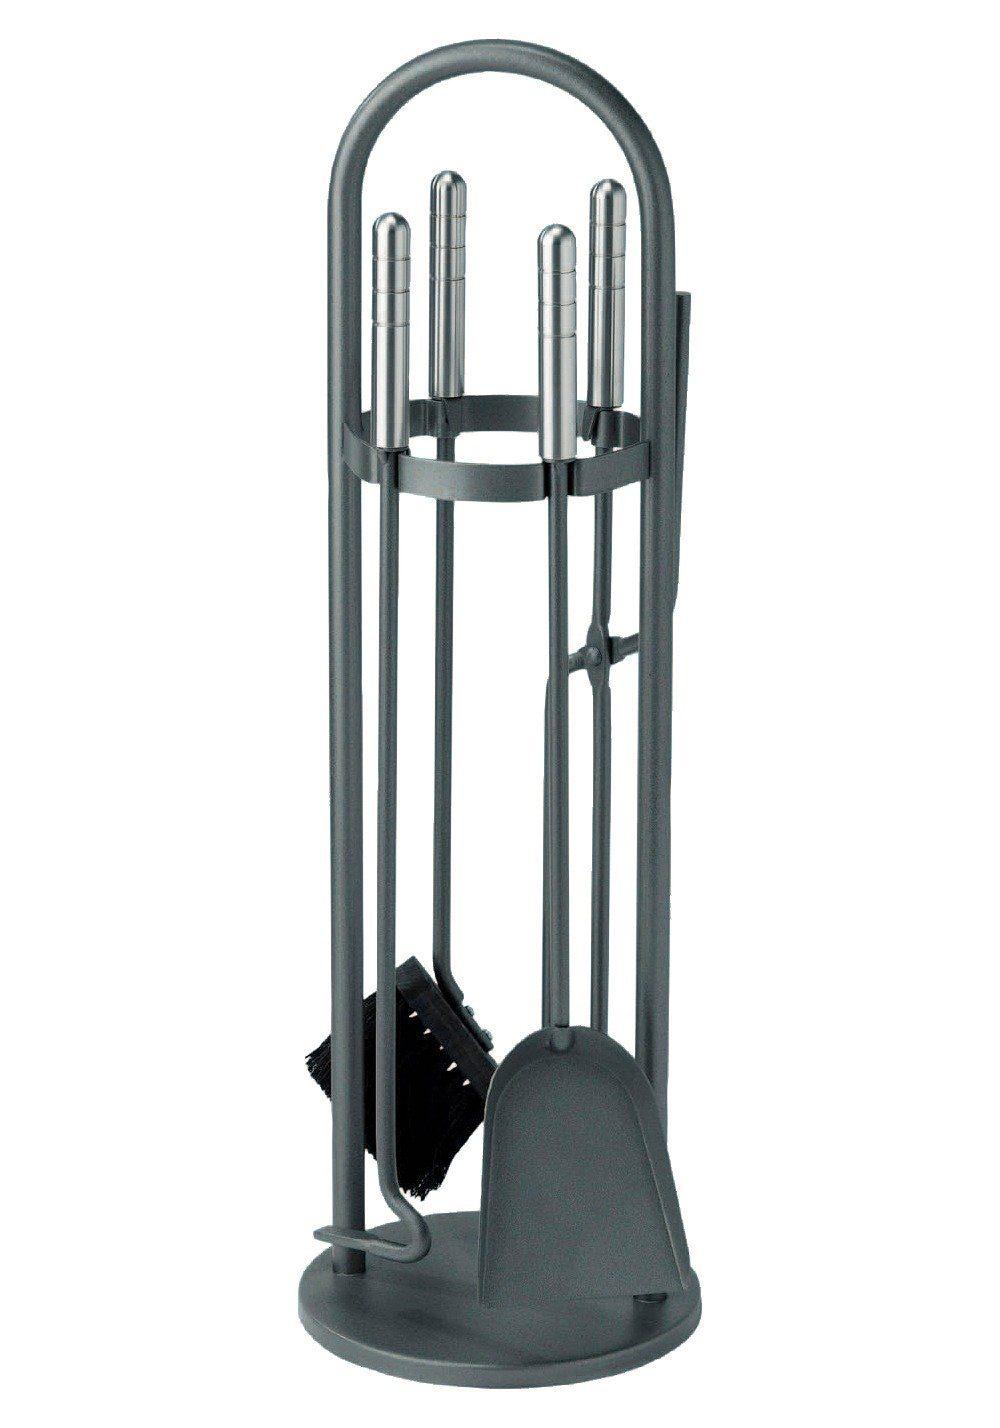 Südmetall Kaminbesteck »Eisen beschichtet«, Set 4 tlg., Griffe aus Edelstahl